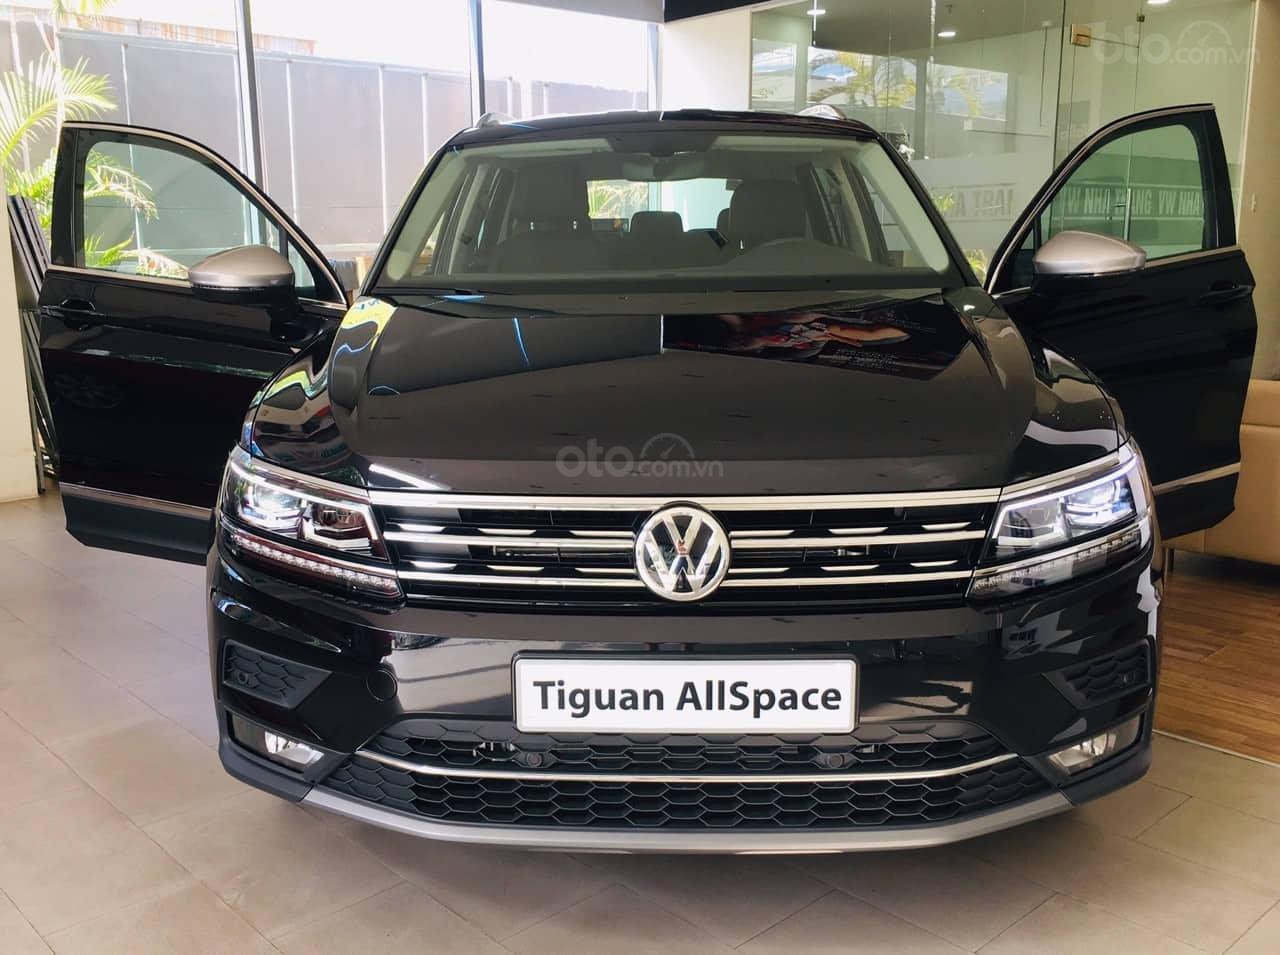 Bán Volkswagen Tiguan Allspace năm 2019, màu đen, nhập khẩu nguyên chiếc (2)